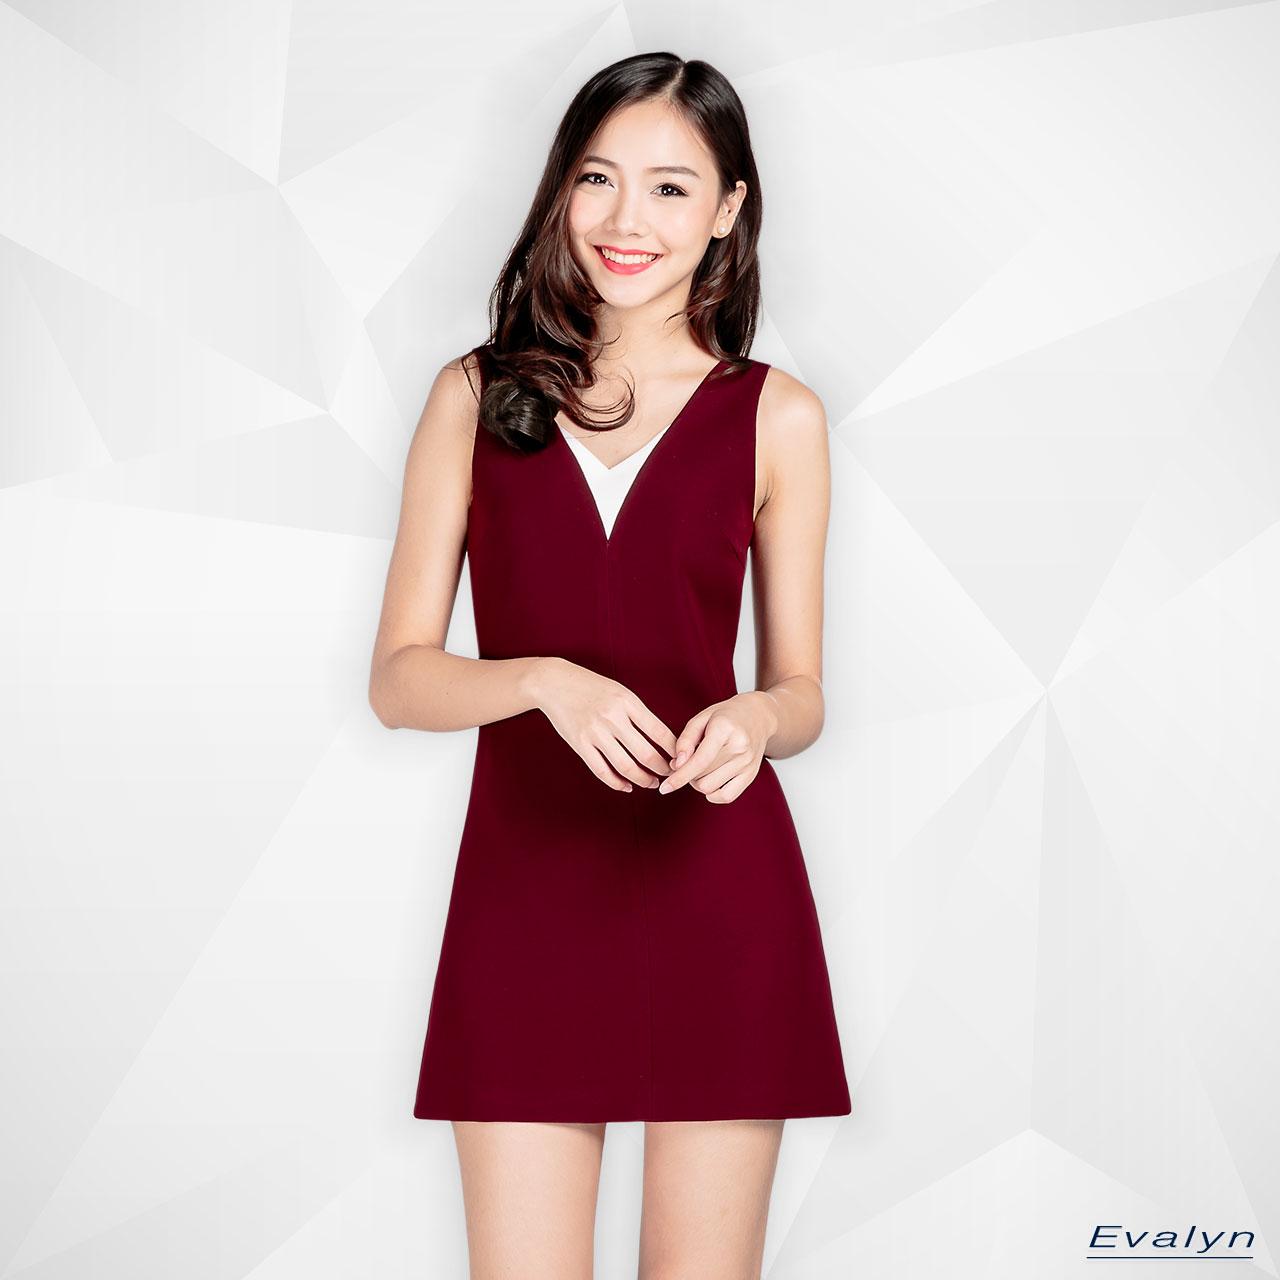 EL0101,เสื้อผ้าผู้หญิง,เดรส,เดรสสั้น,เดรสสั้นแขนกุด,เดรสแขนกุด